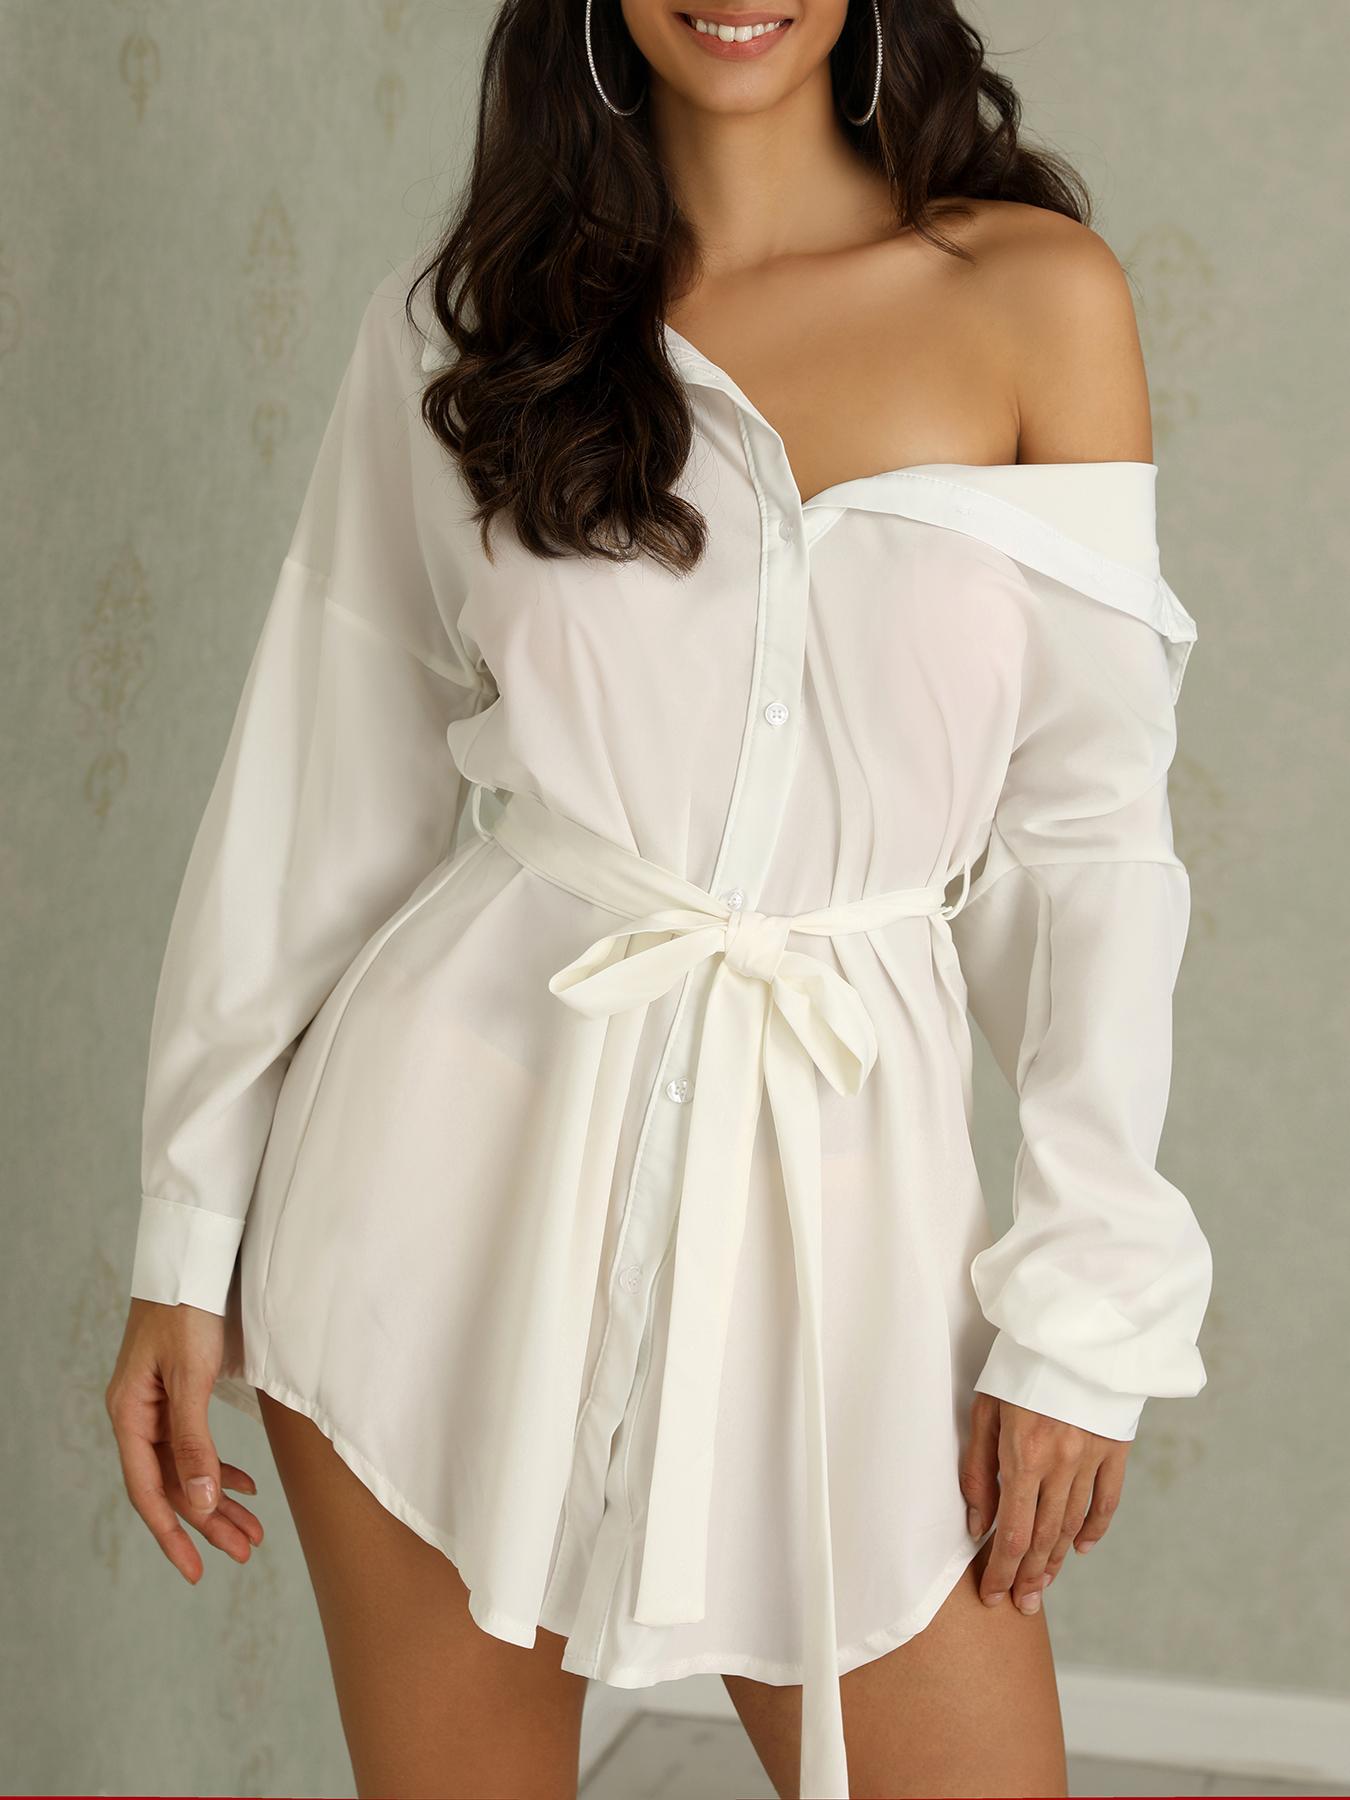 boutiquefeel / Vestido de camisa con dobladillo curvo con hombros